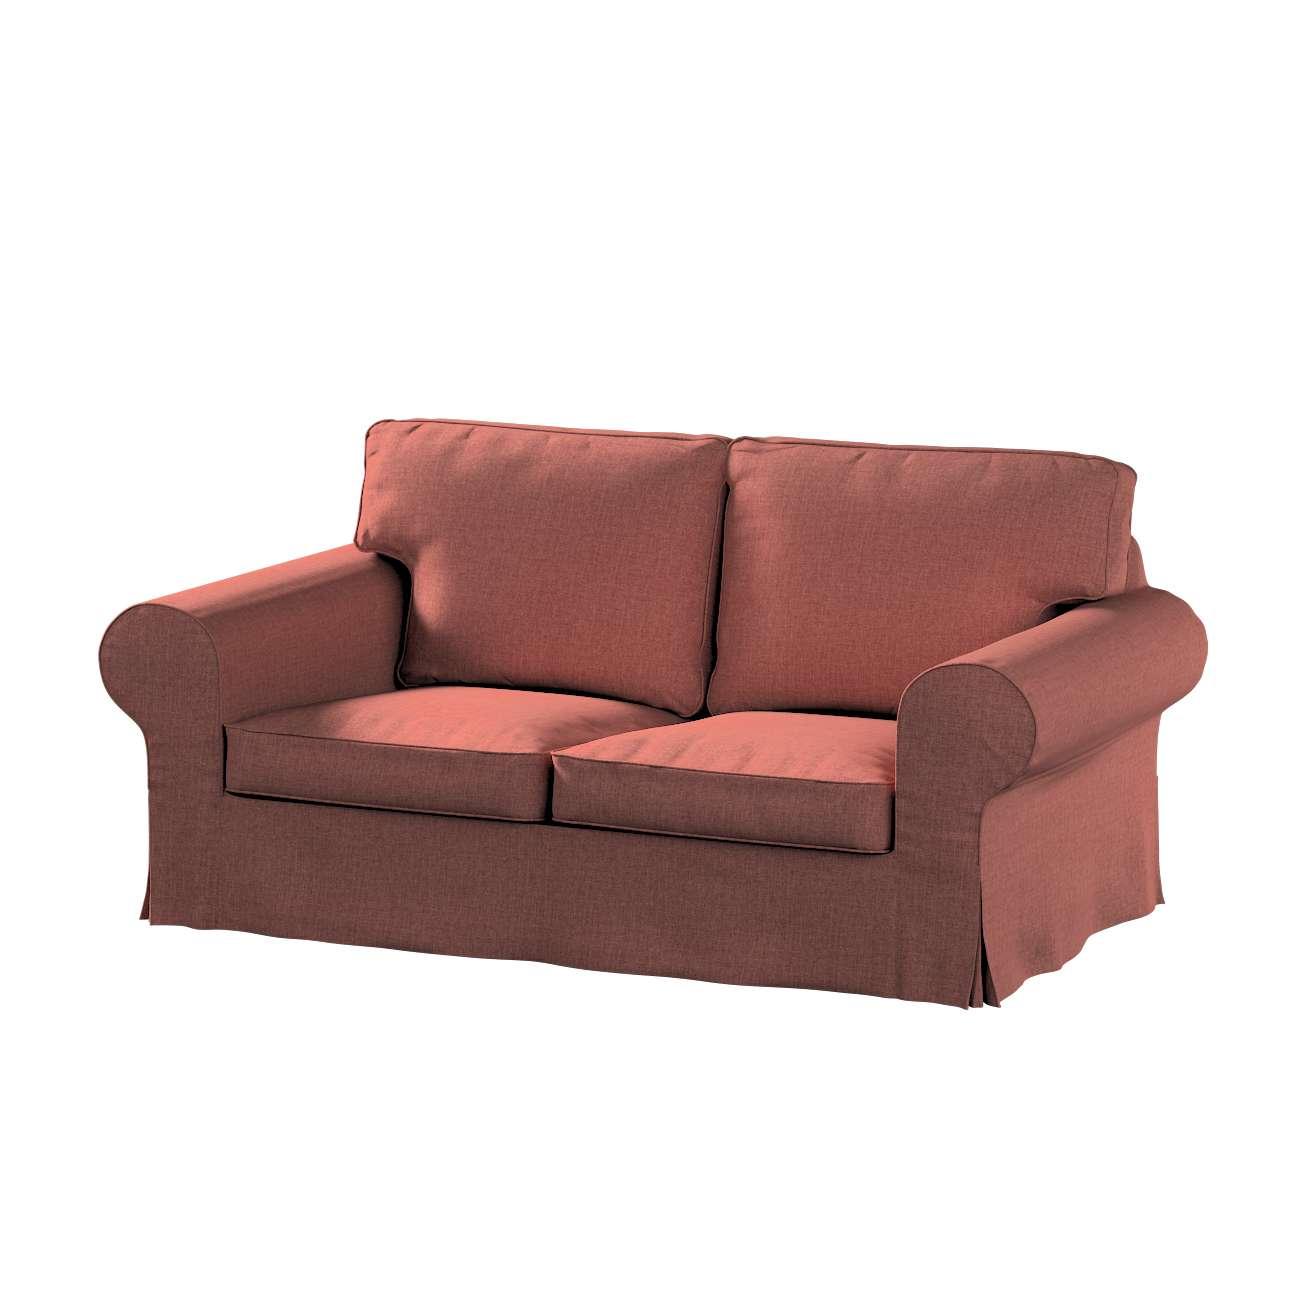 Pokrowiec na sofę Ektorp 2-osobową, nierozkładaną w kolekcji City, tkanina: 704-84